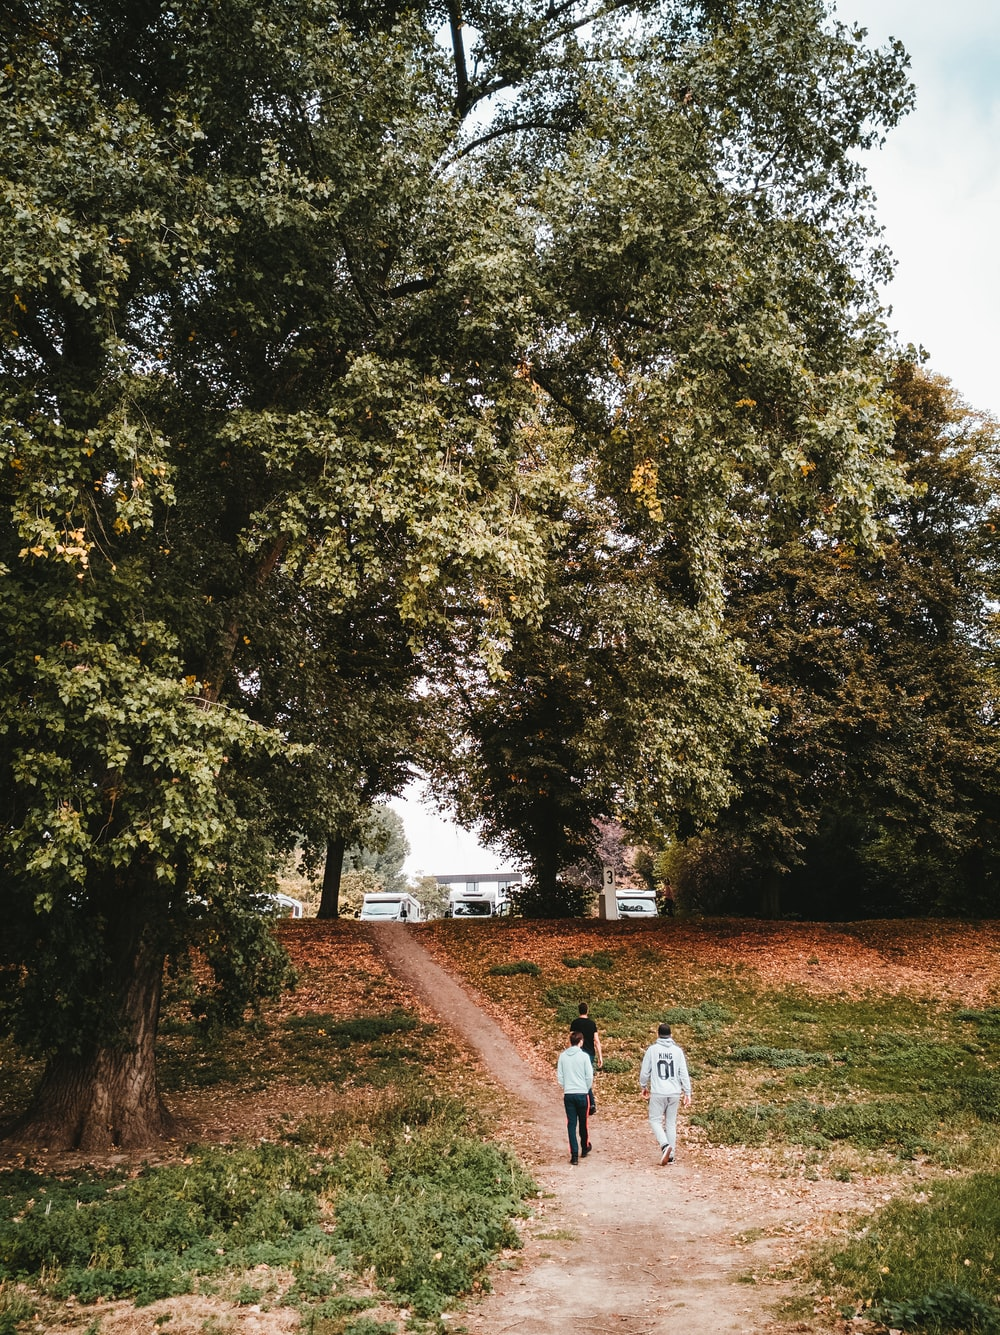 three men walking on pathway during daytime